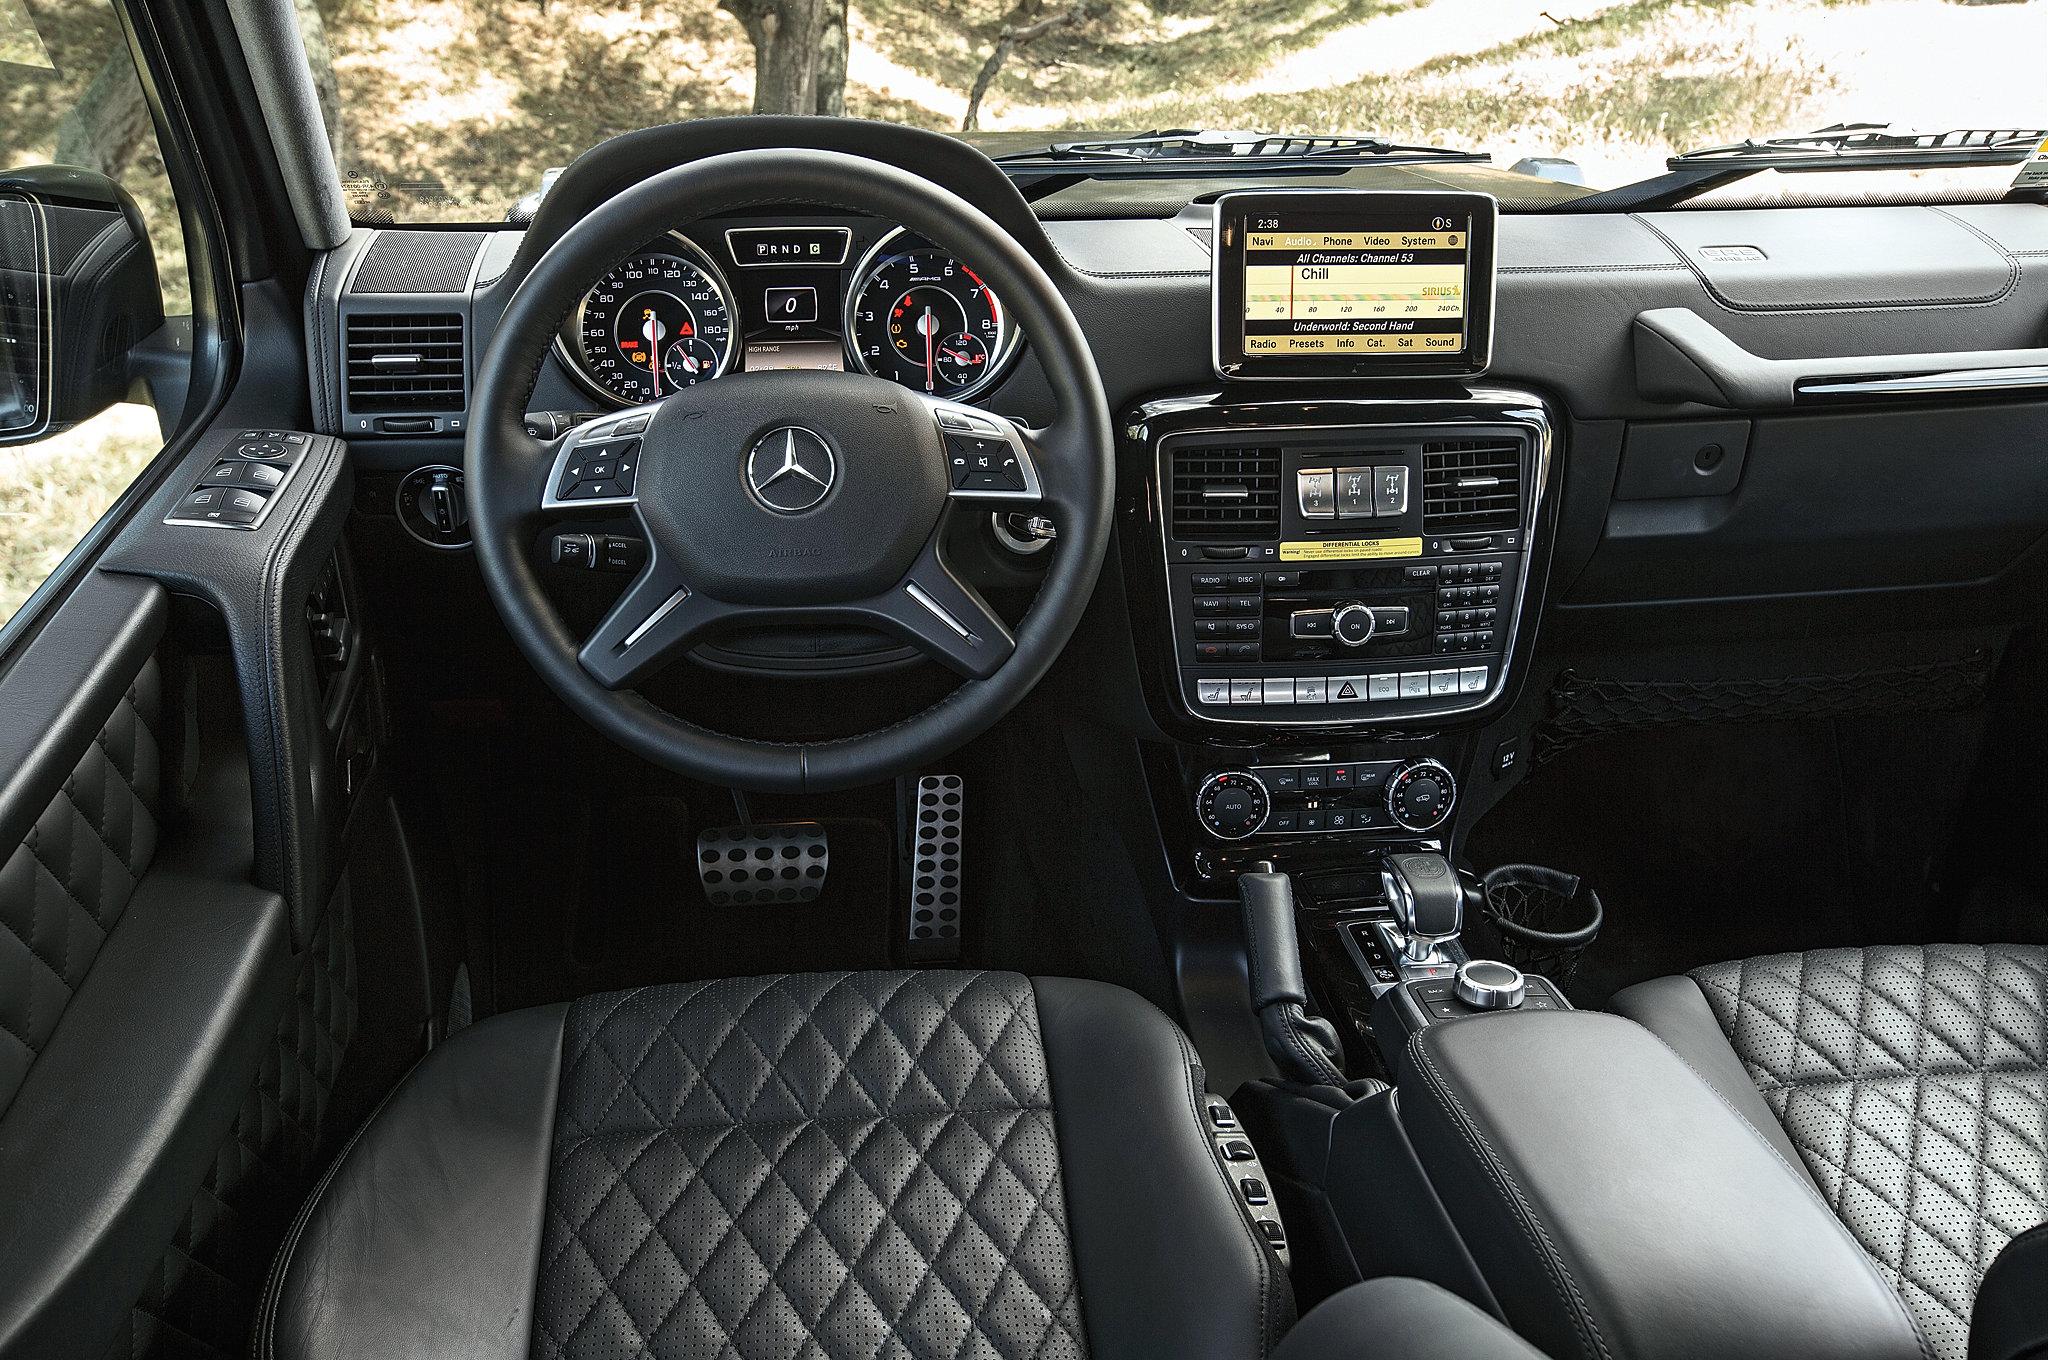 mysite mercedes benz suv black matte - Mercedes Suv Black Matte